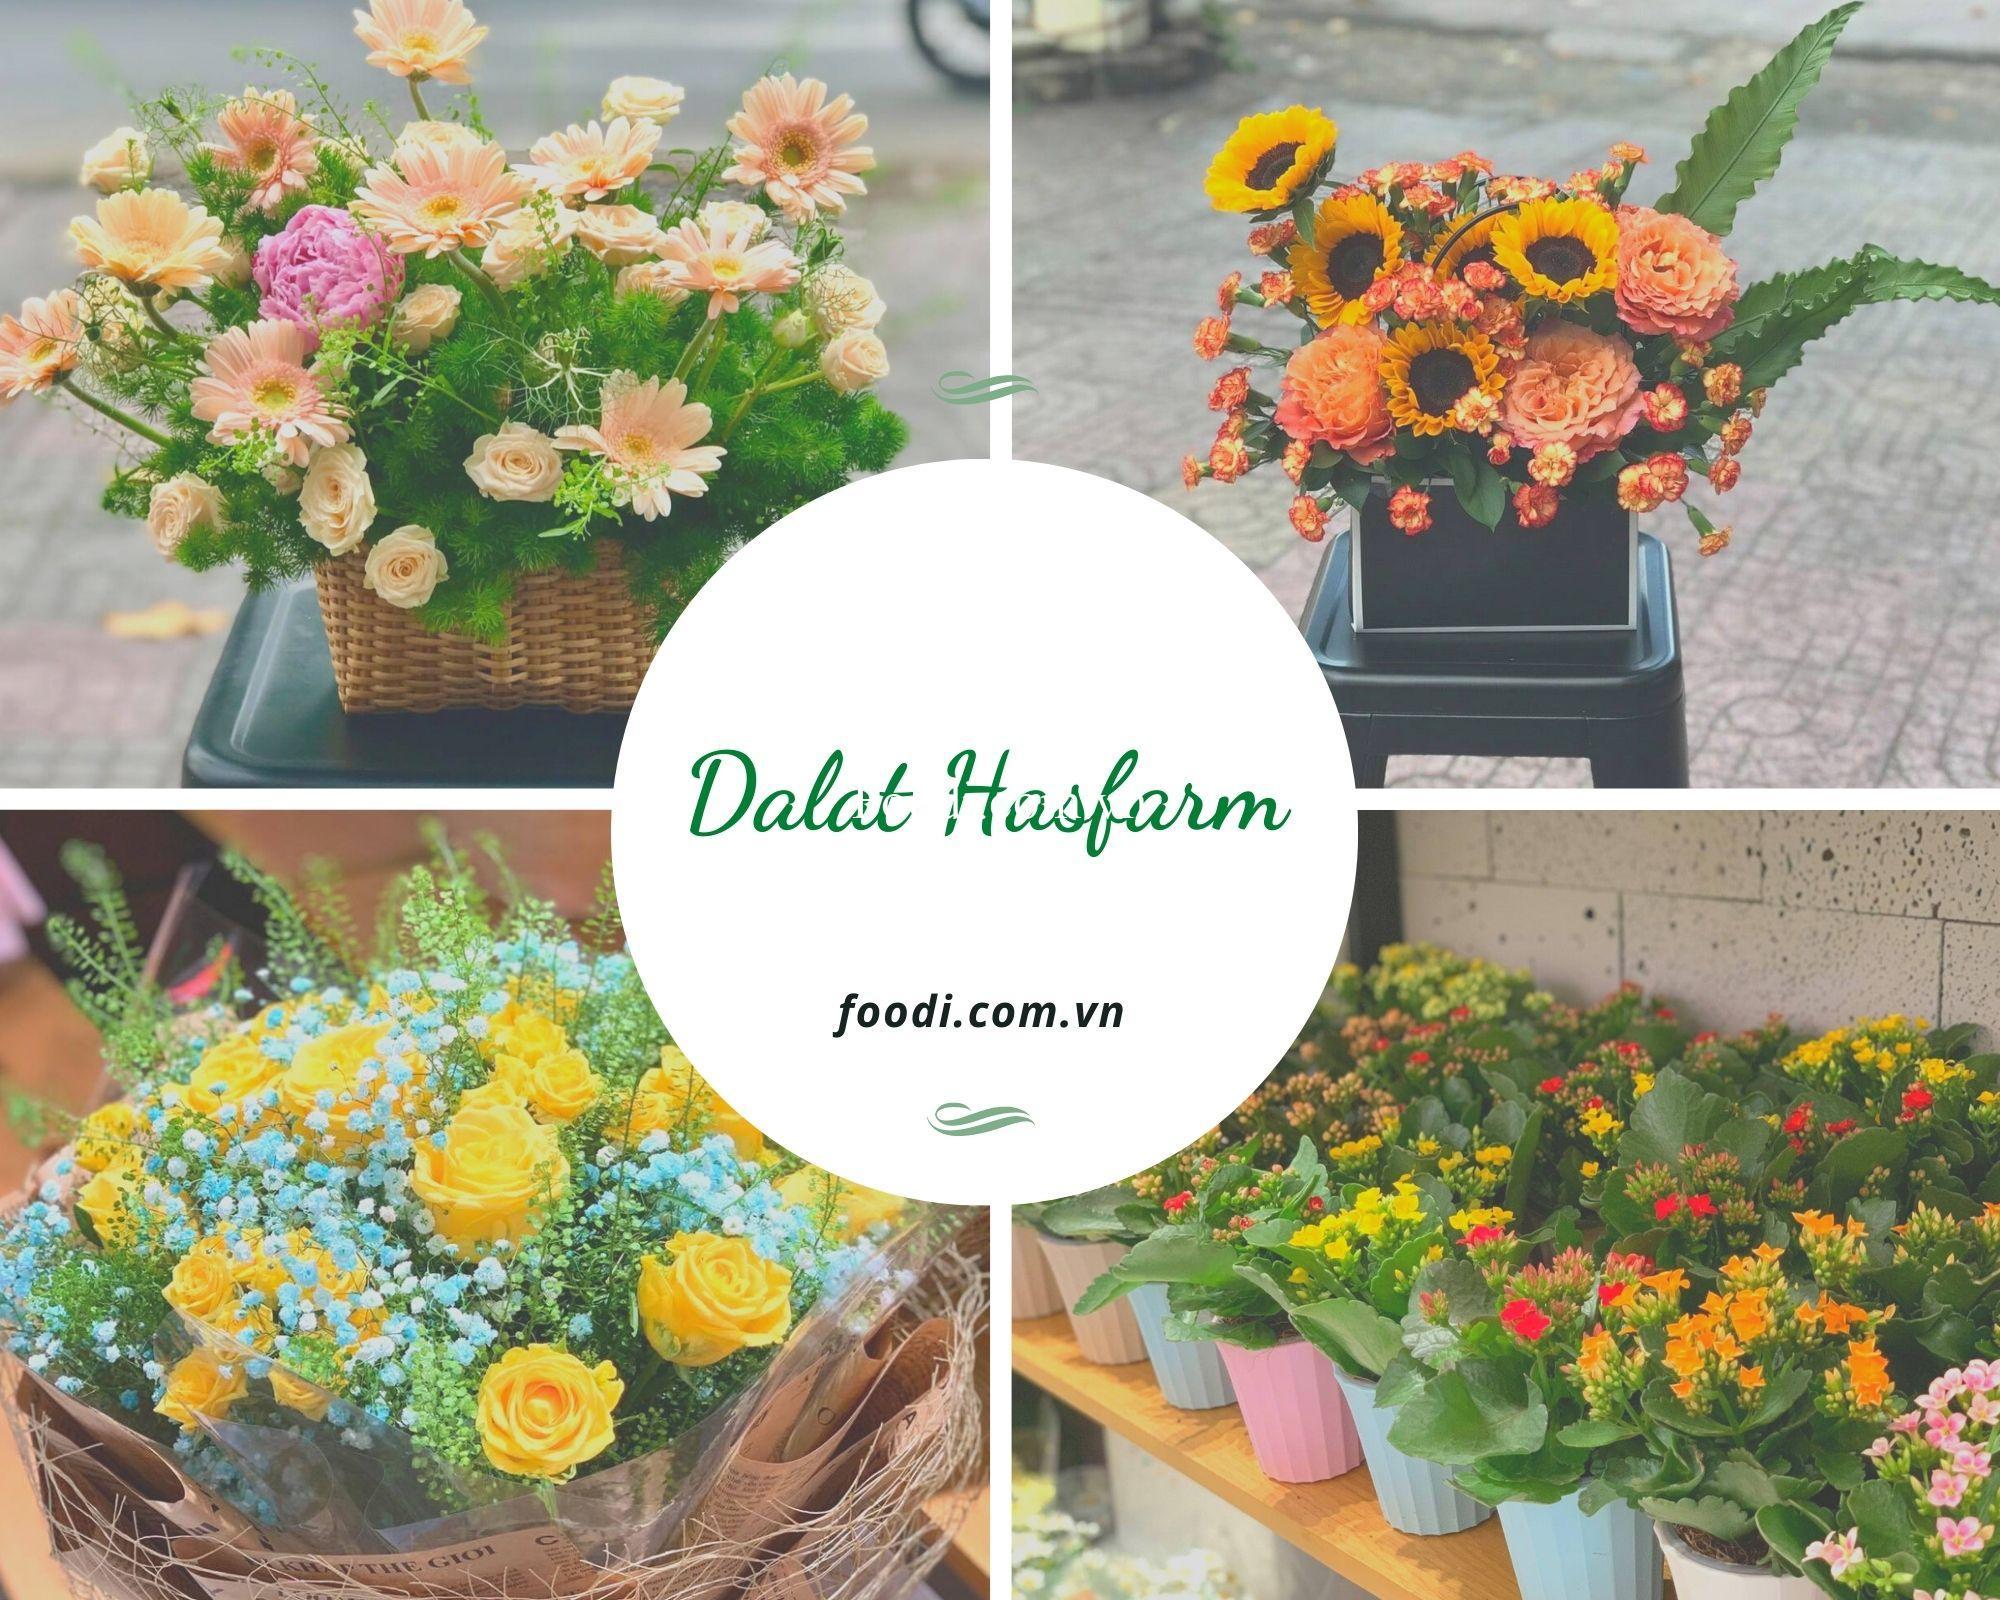 Top 21 Shop tiệm hoa gần đây đẹp chất lượng nhất Sài Gòn TPHCM